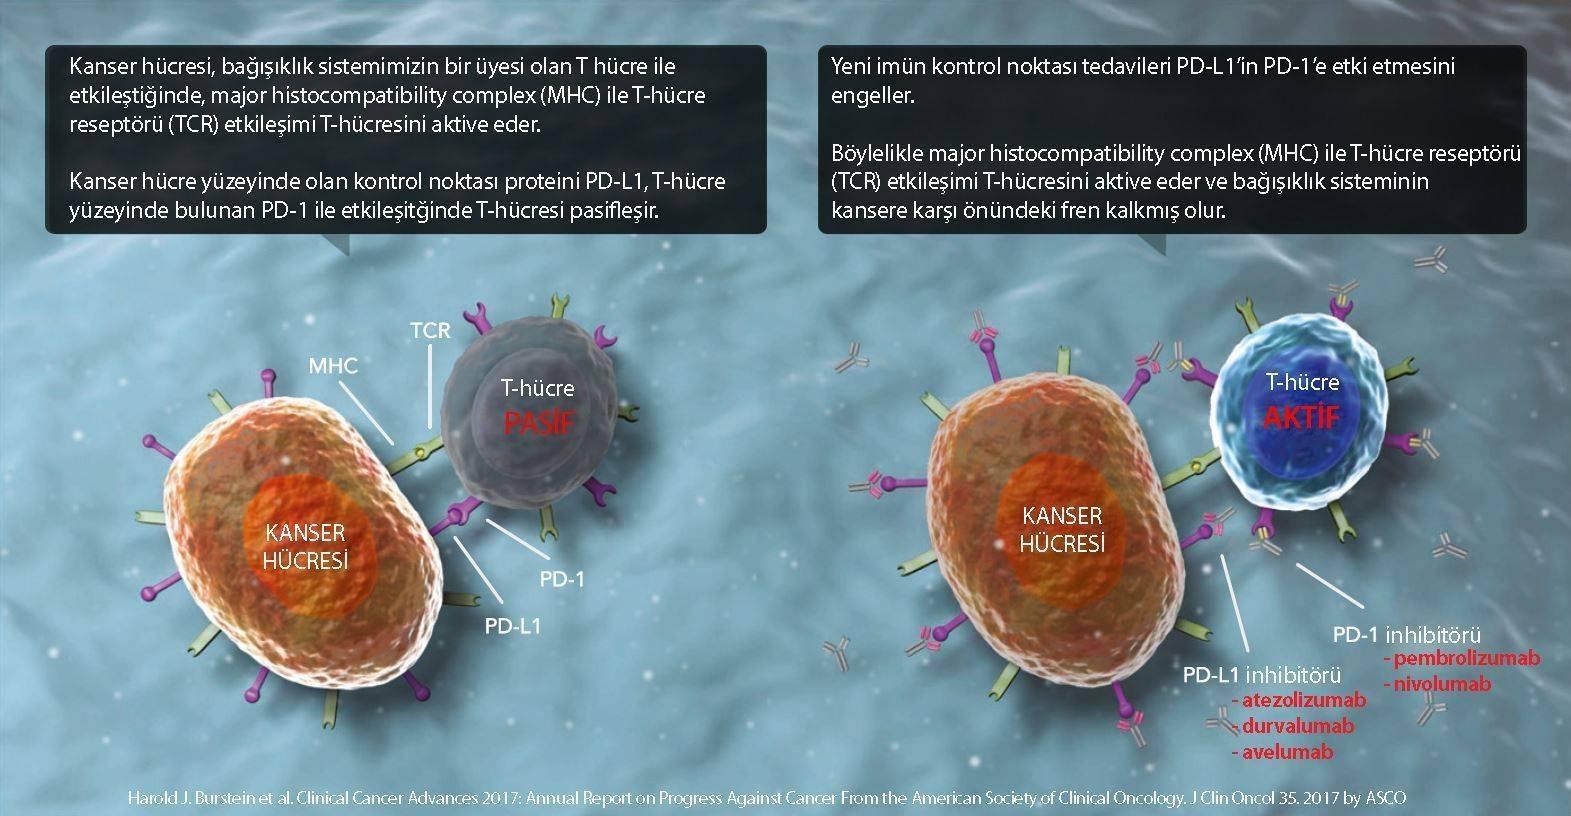 imfinzi durvalumab etki mekanizması kanser tedavisinde immünoterapi